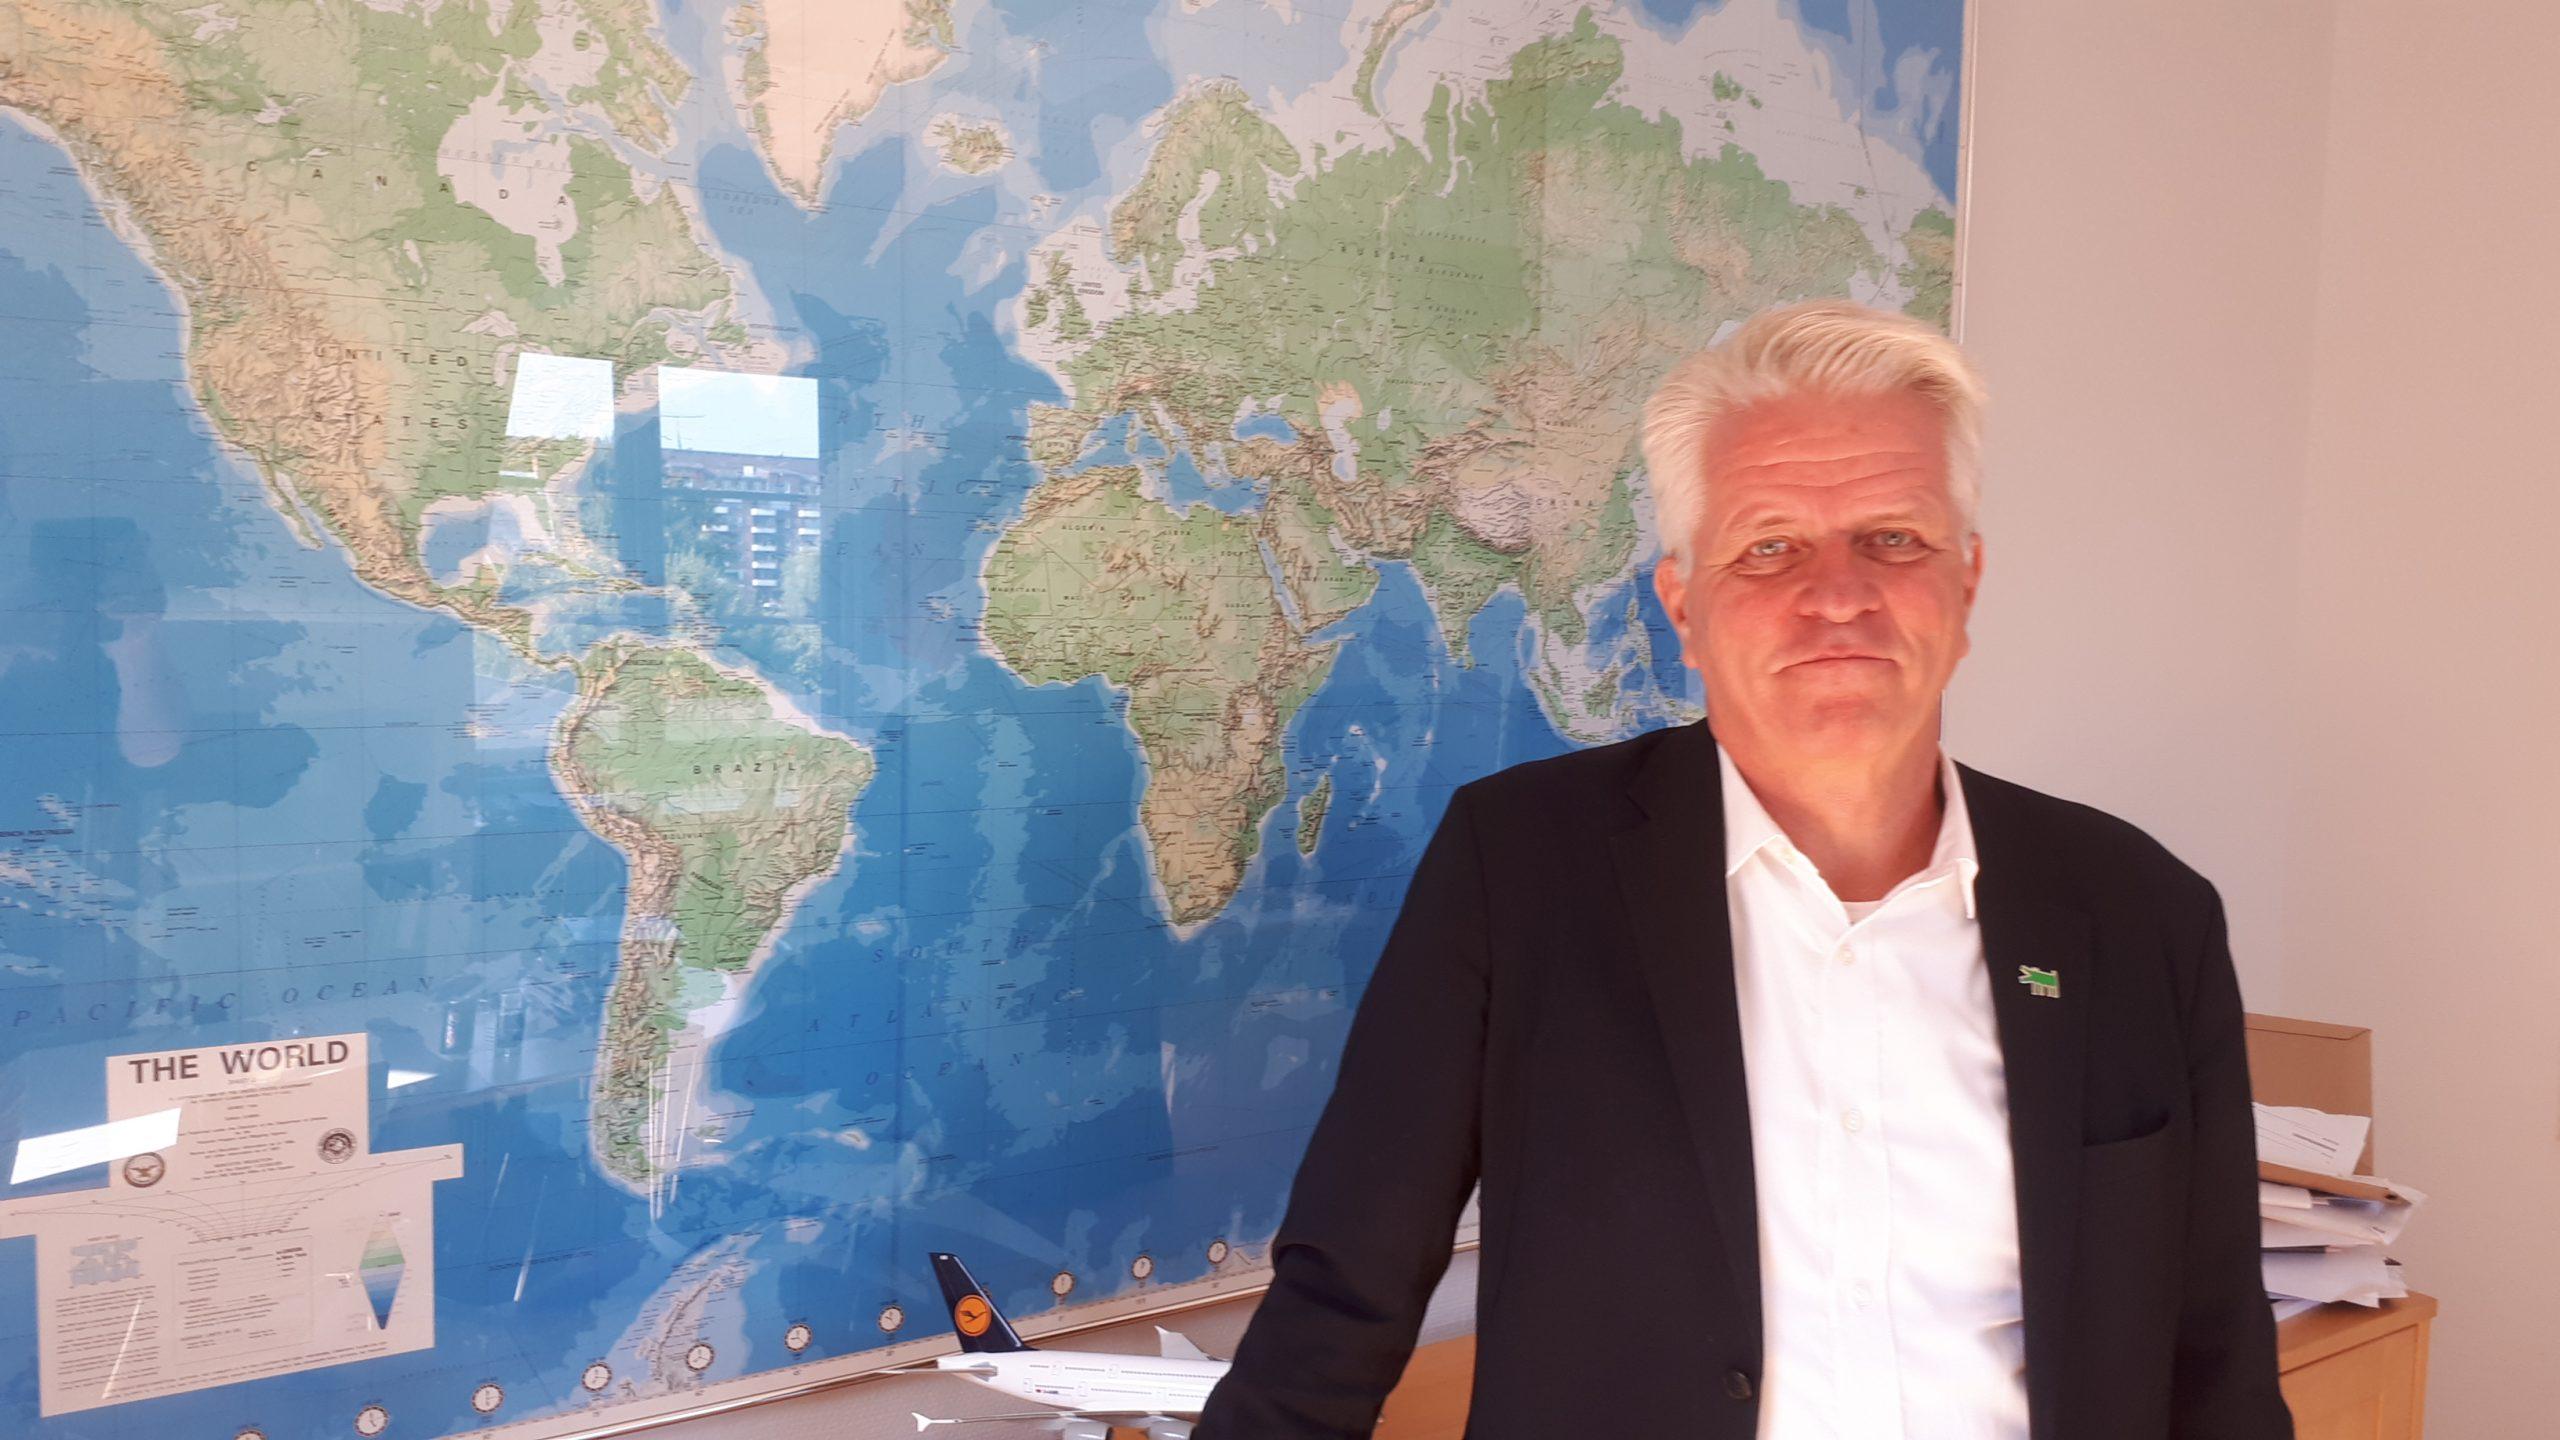 Lars Thykier, administrerende direktør for Danmarks Rejsebureau Forening, er bekymret over nye udtalelser fra socialdemokraternes erhvervsordfører om en mulig ny fremtid for rejsebureauerne i Danmark. Foto: Henrik Baumgarten.